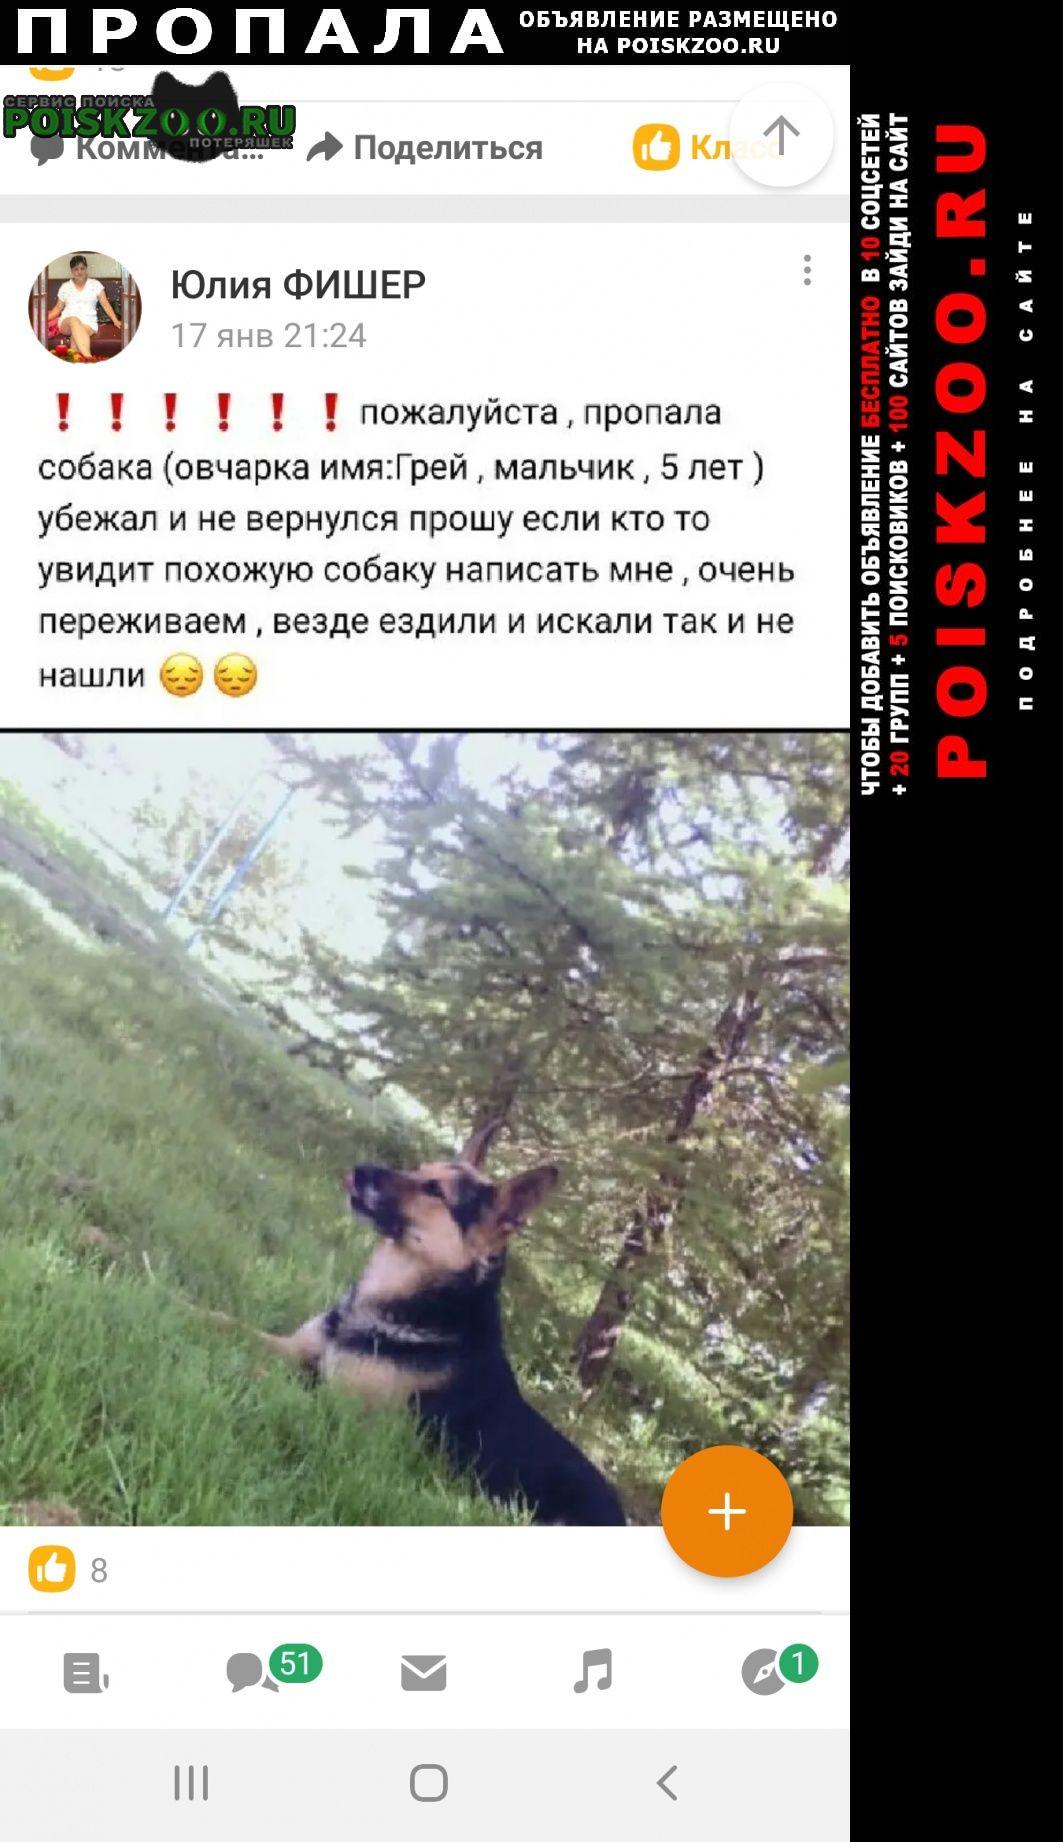 Пропала собака овчарка мальчик Подольск